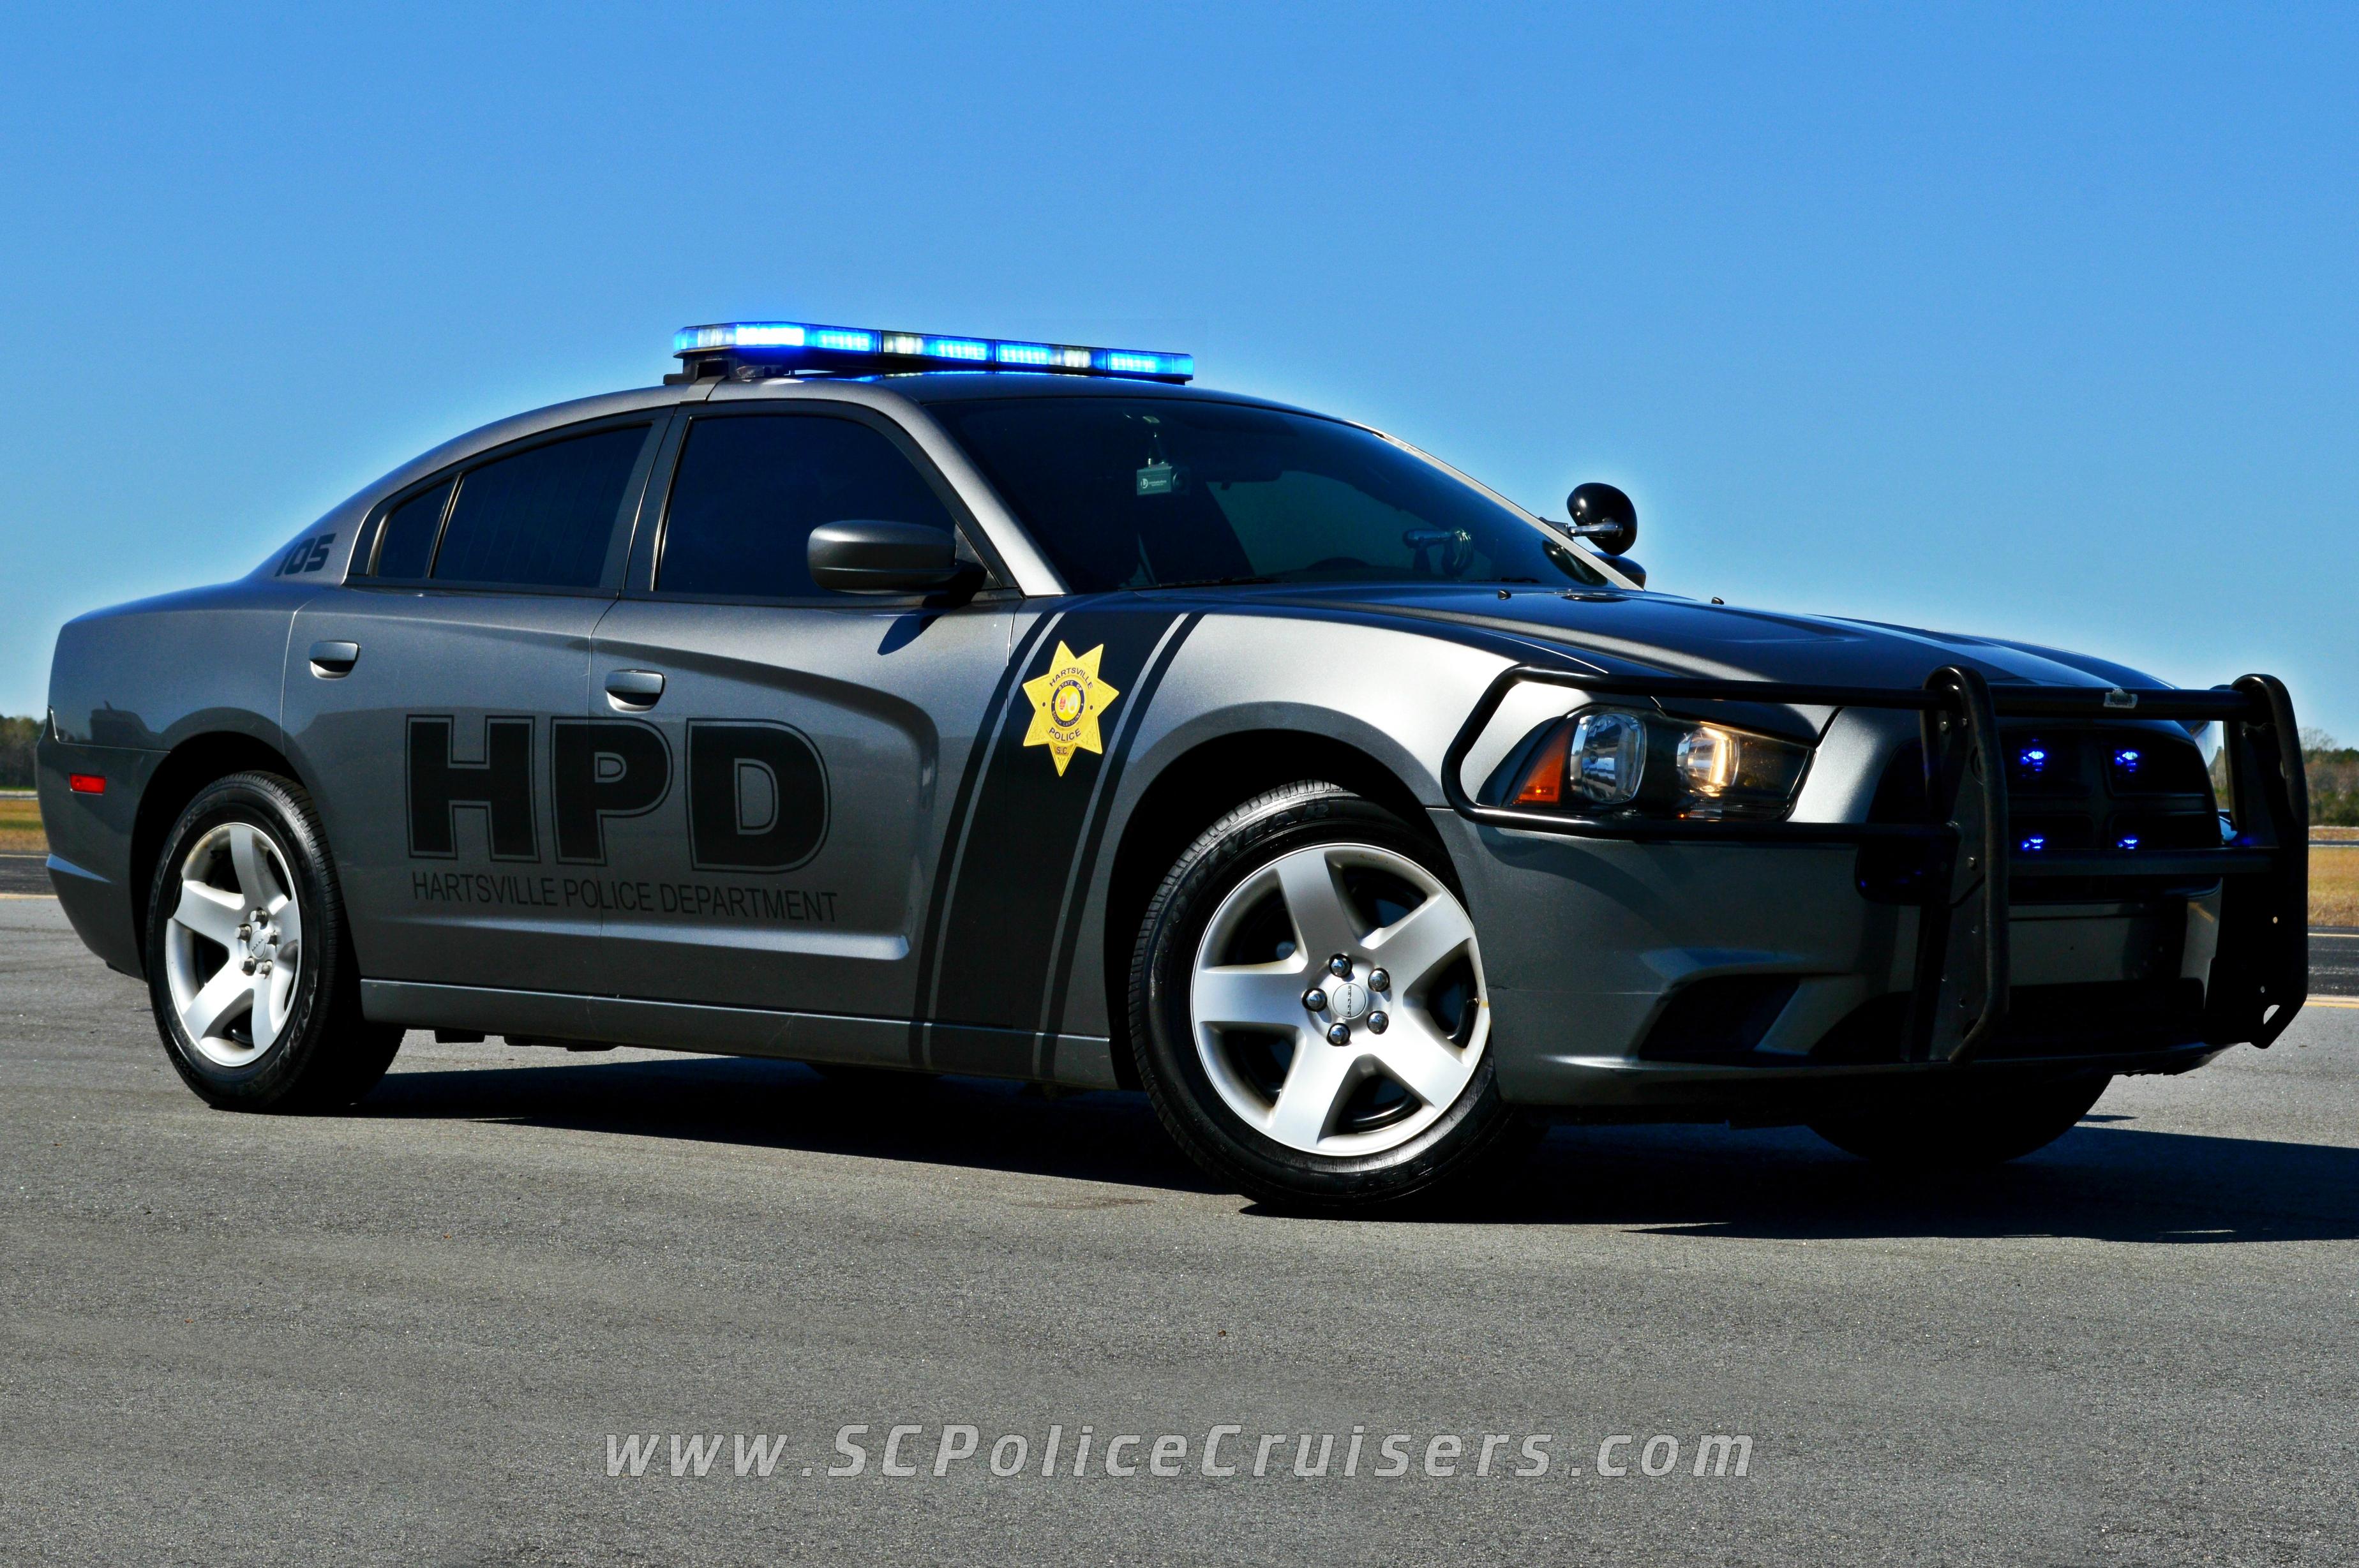 HPD-2017_hartsvillepdcharger-1